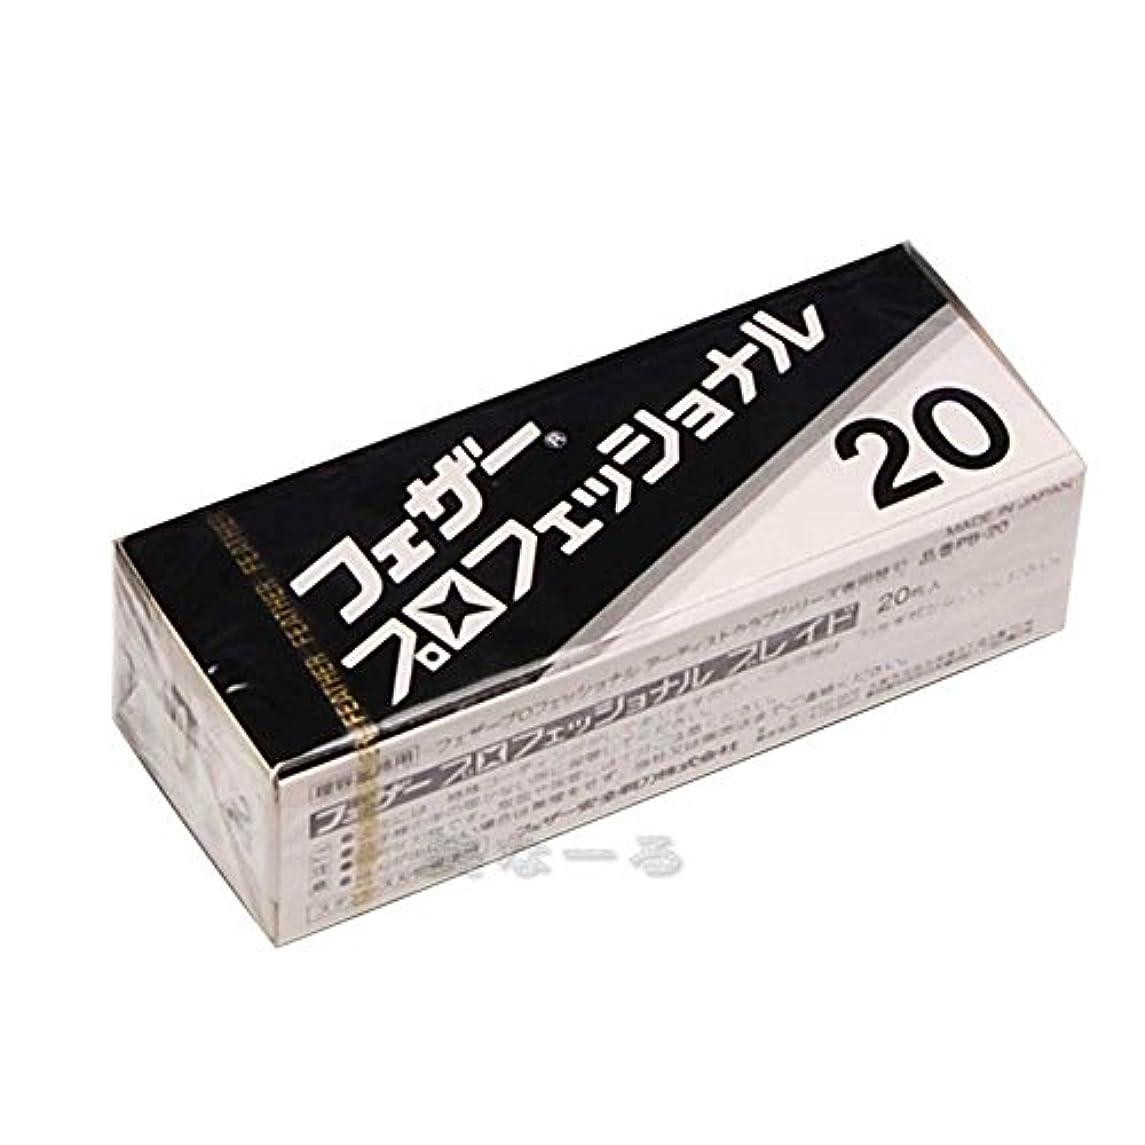 鎮静剤混乱した罰フェザー プロフェッショナル ブレイド PB-20 替刃 20枚入